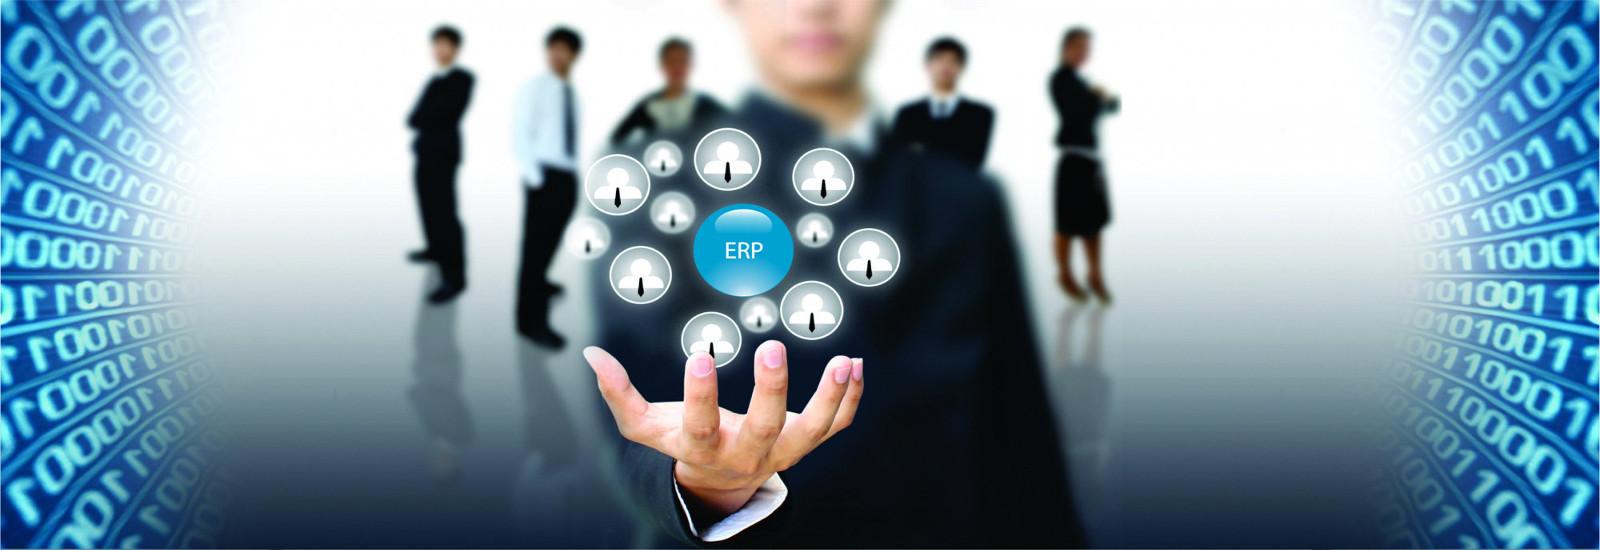 Πόσο ακριβά σας στοιχίζει το φθηνό ERP ;